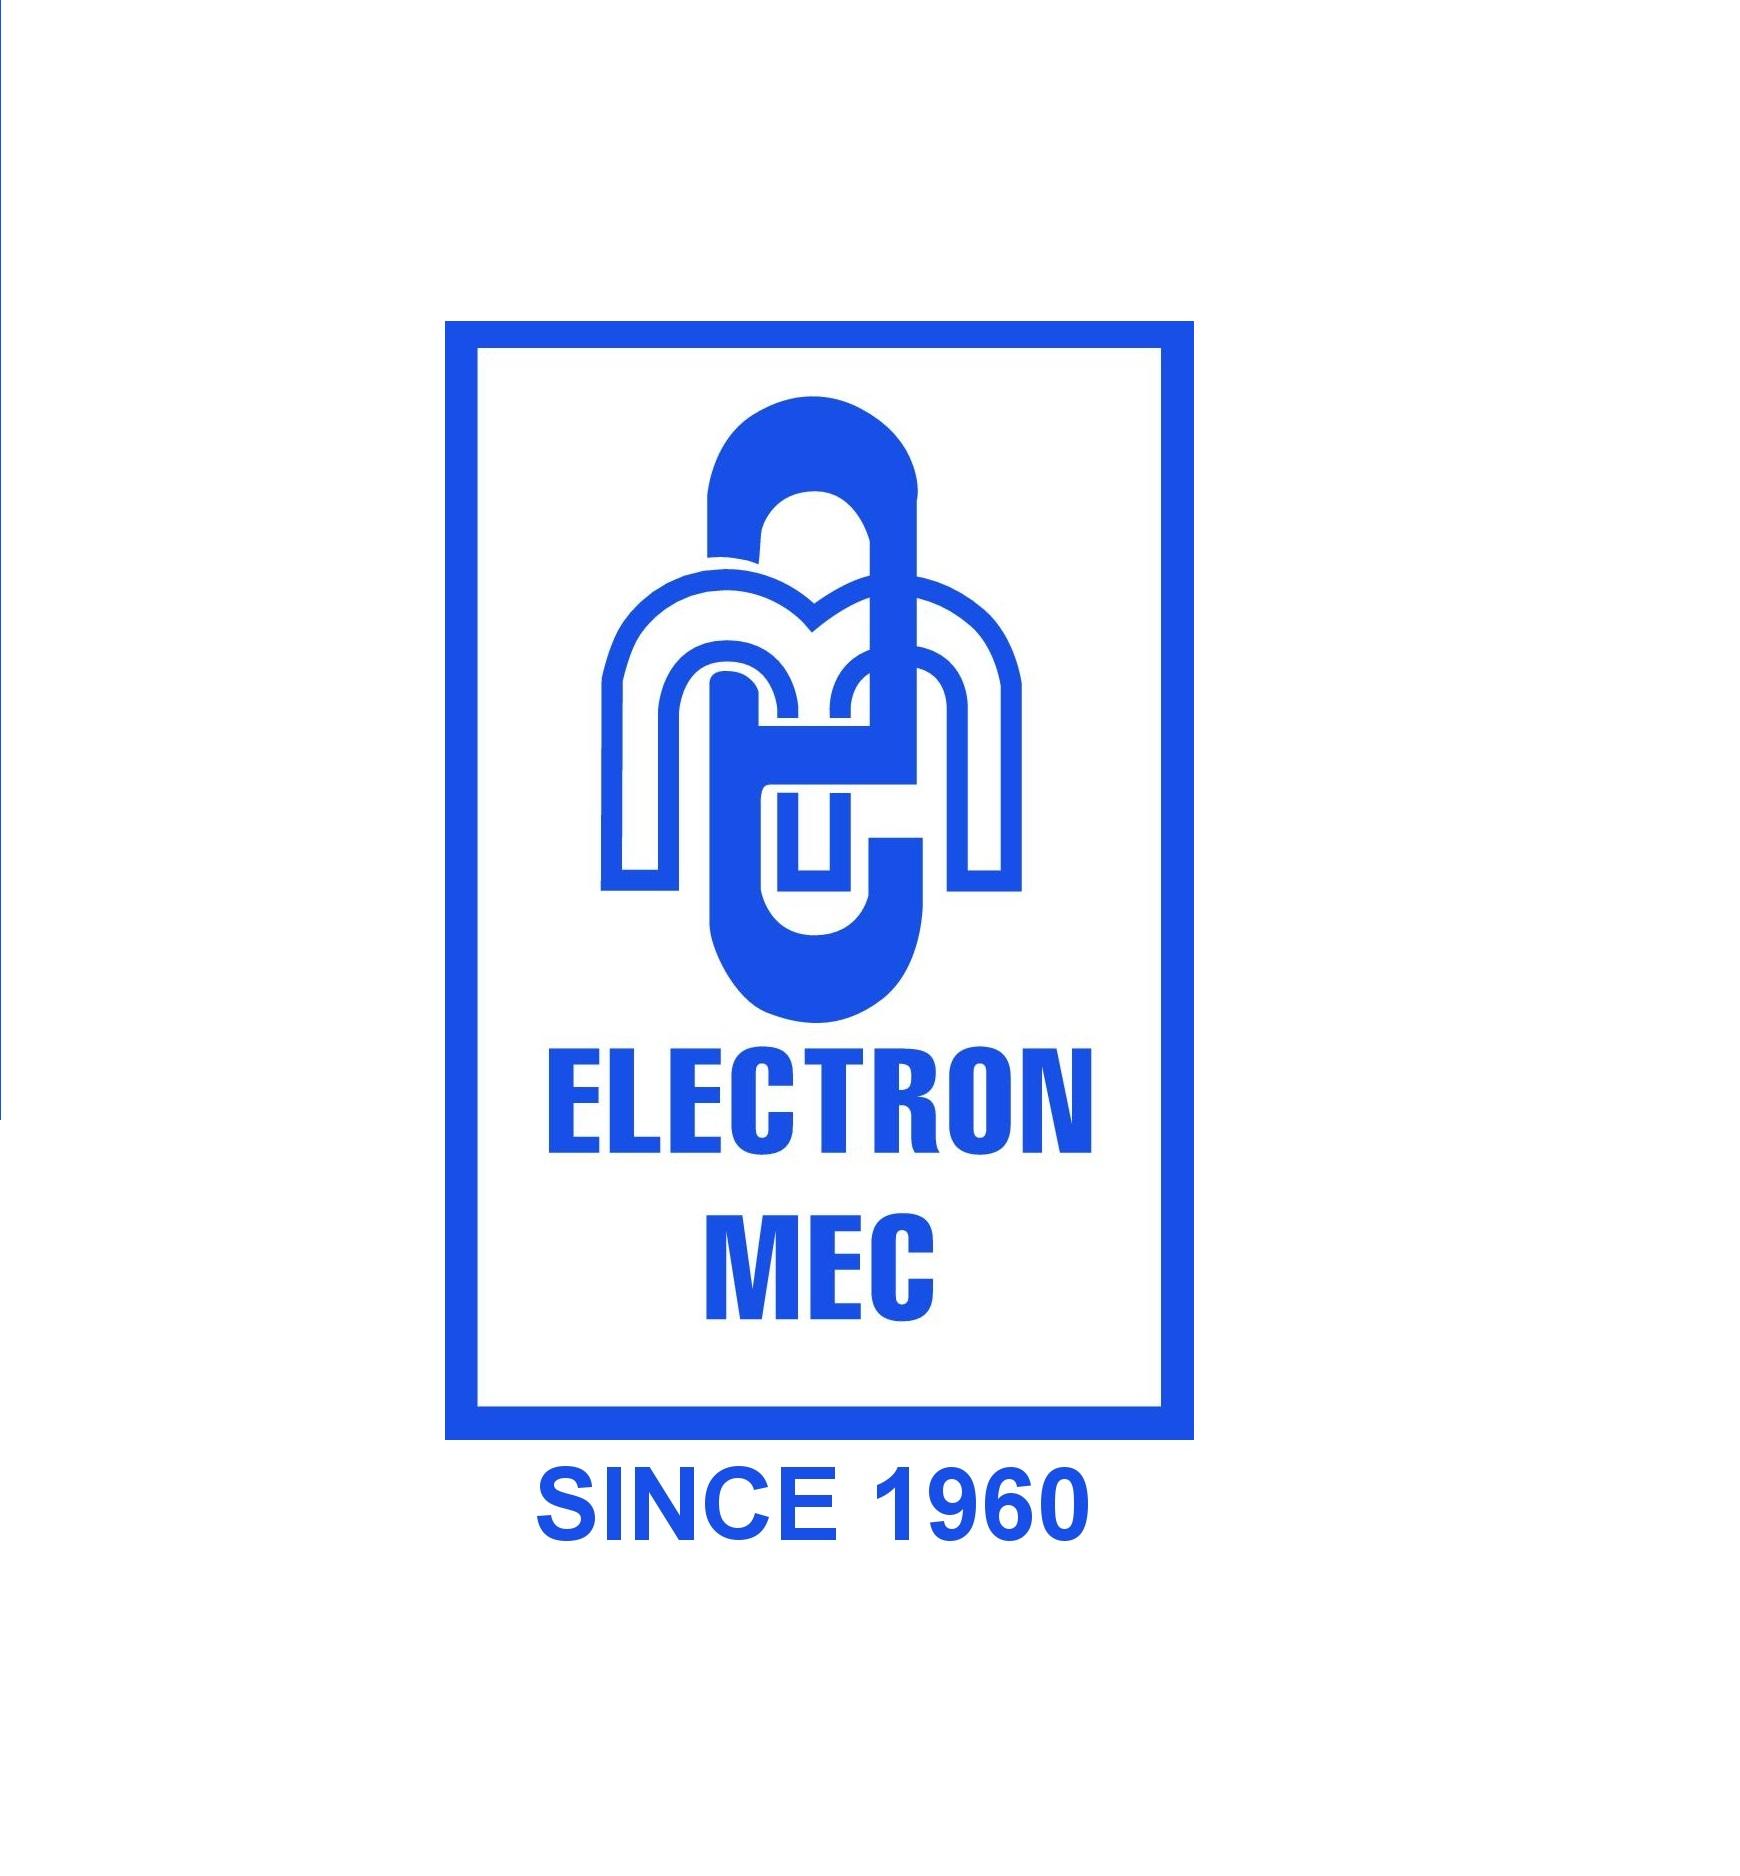 Logo de Electron Mec